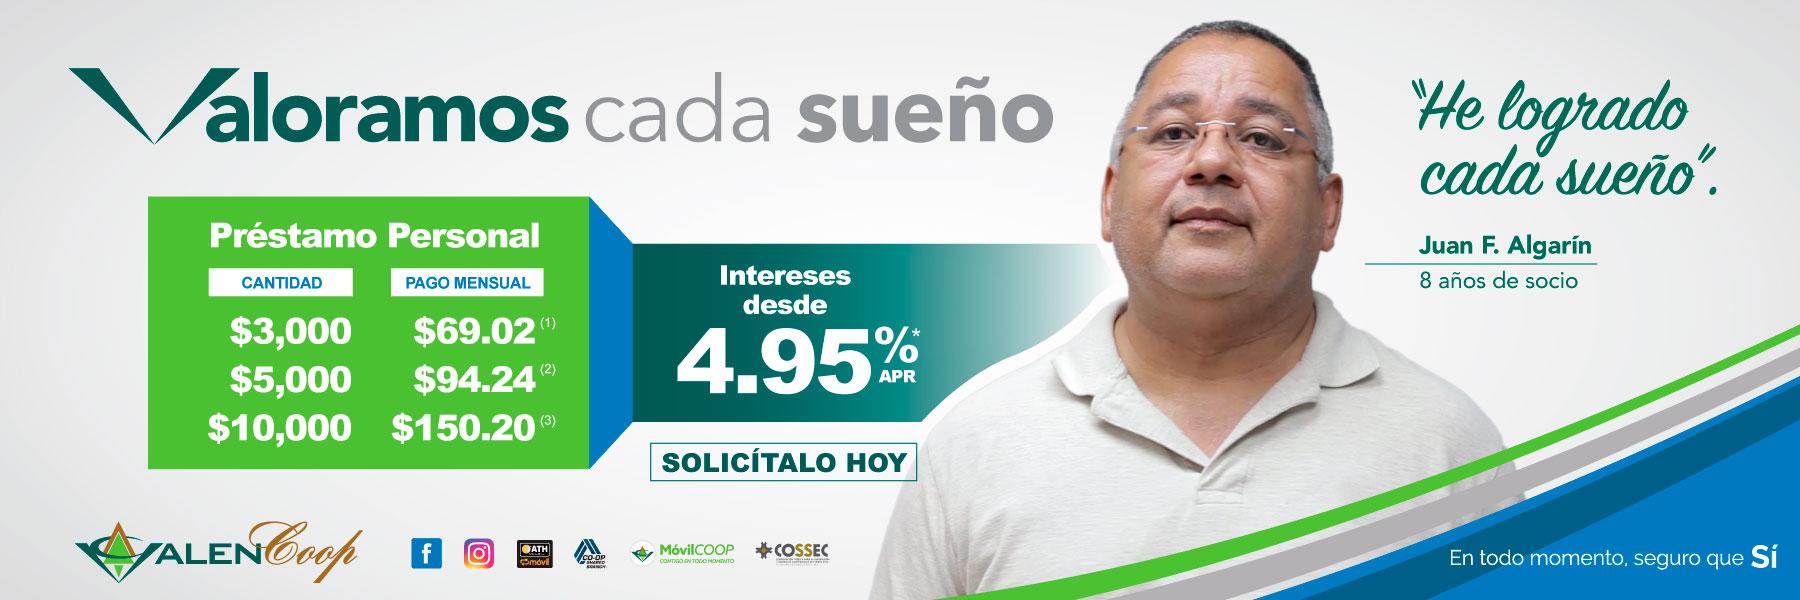 1800x600_Prestamo_VC-4.95-Algarin-pagina-web